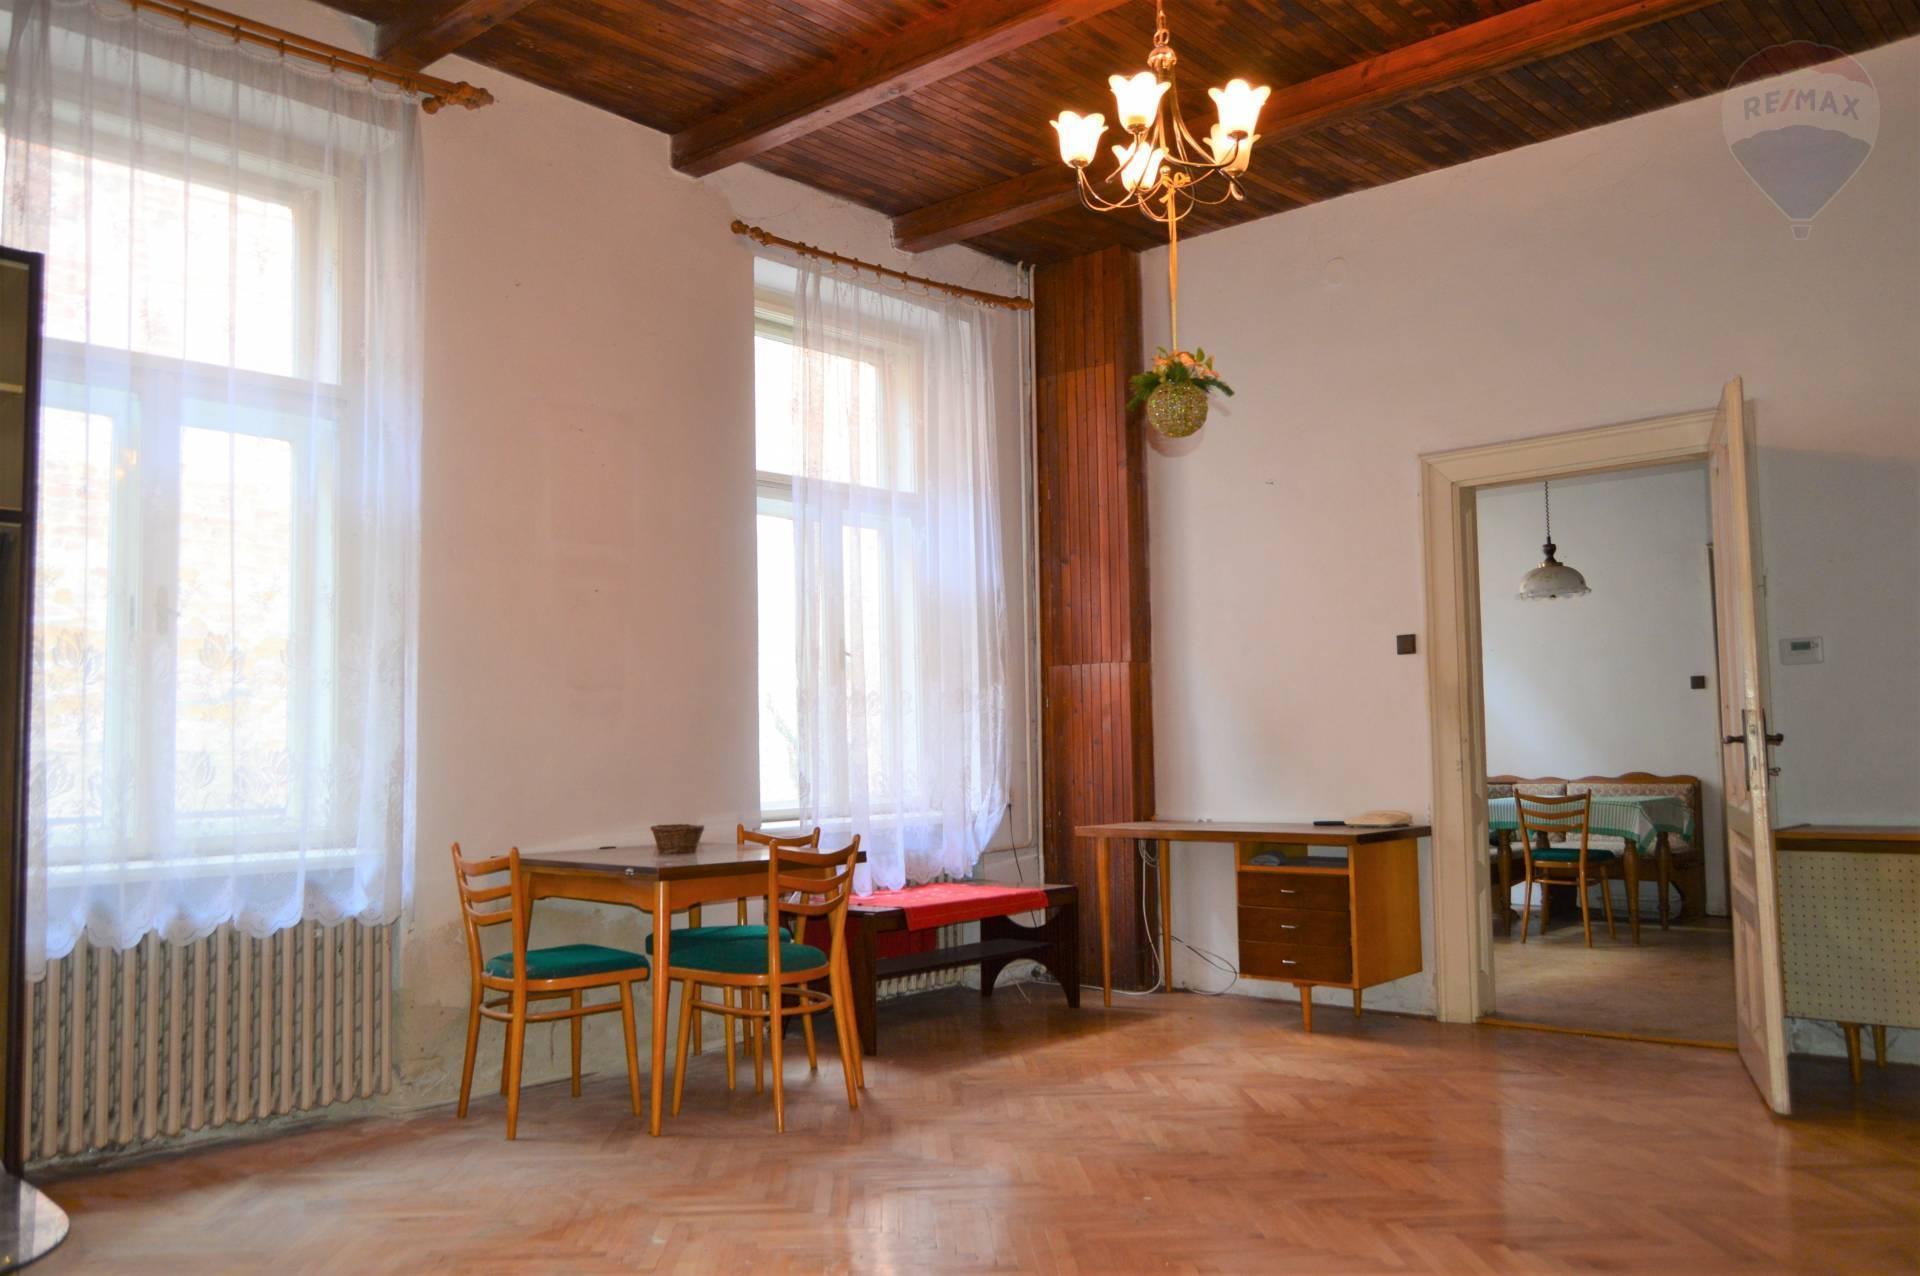 Predaj 2 izbový byt (priestor na podnikanie) Nitra centrum EXKLUZÍVNE